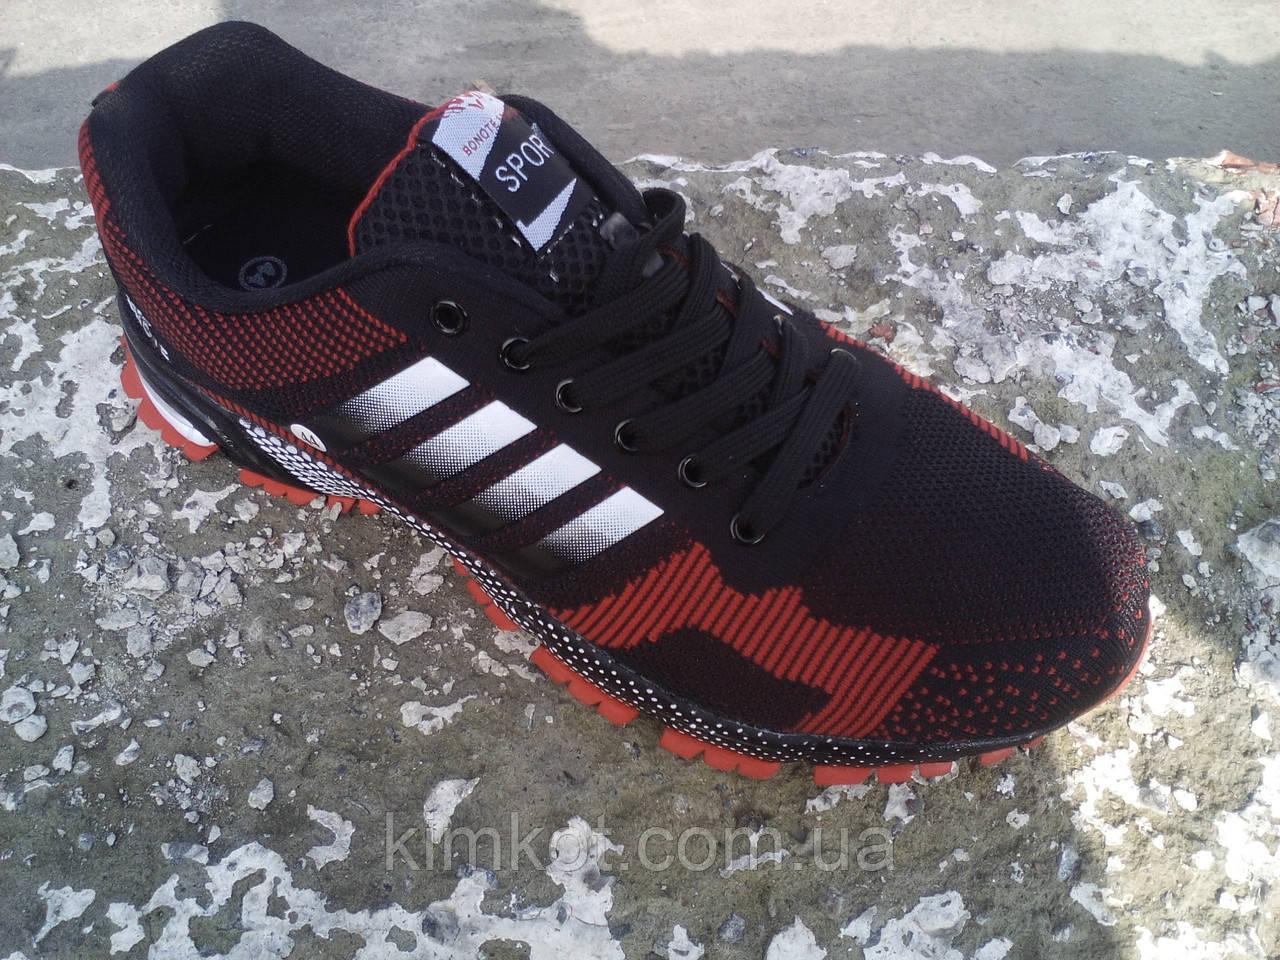 844aedc24 Кроссовки мужские BONOTE - Adidas беговые сетка 40 -45 р-р, цена 570 ...